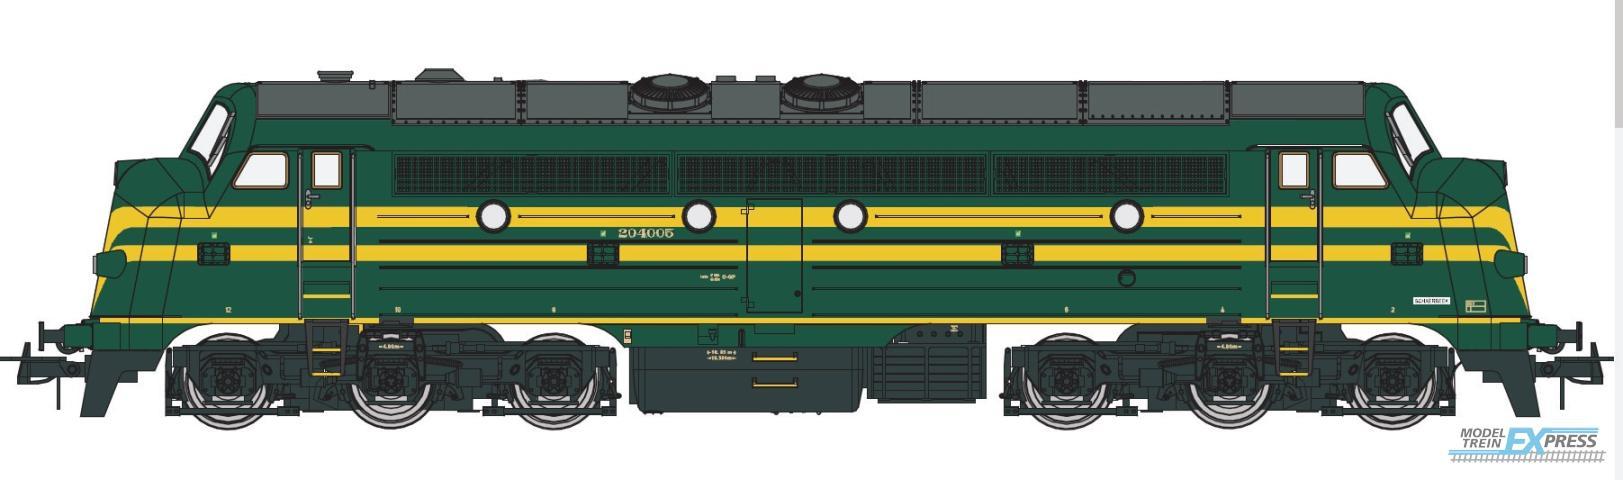 B-Models 9215.03